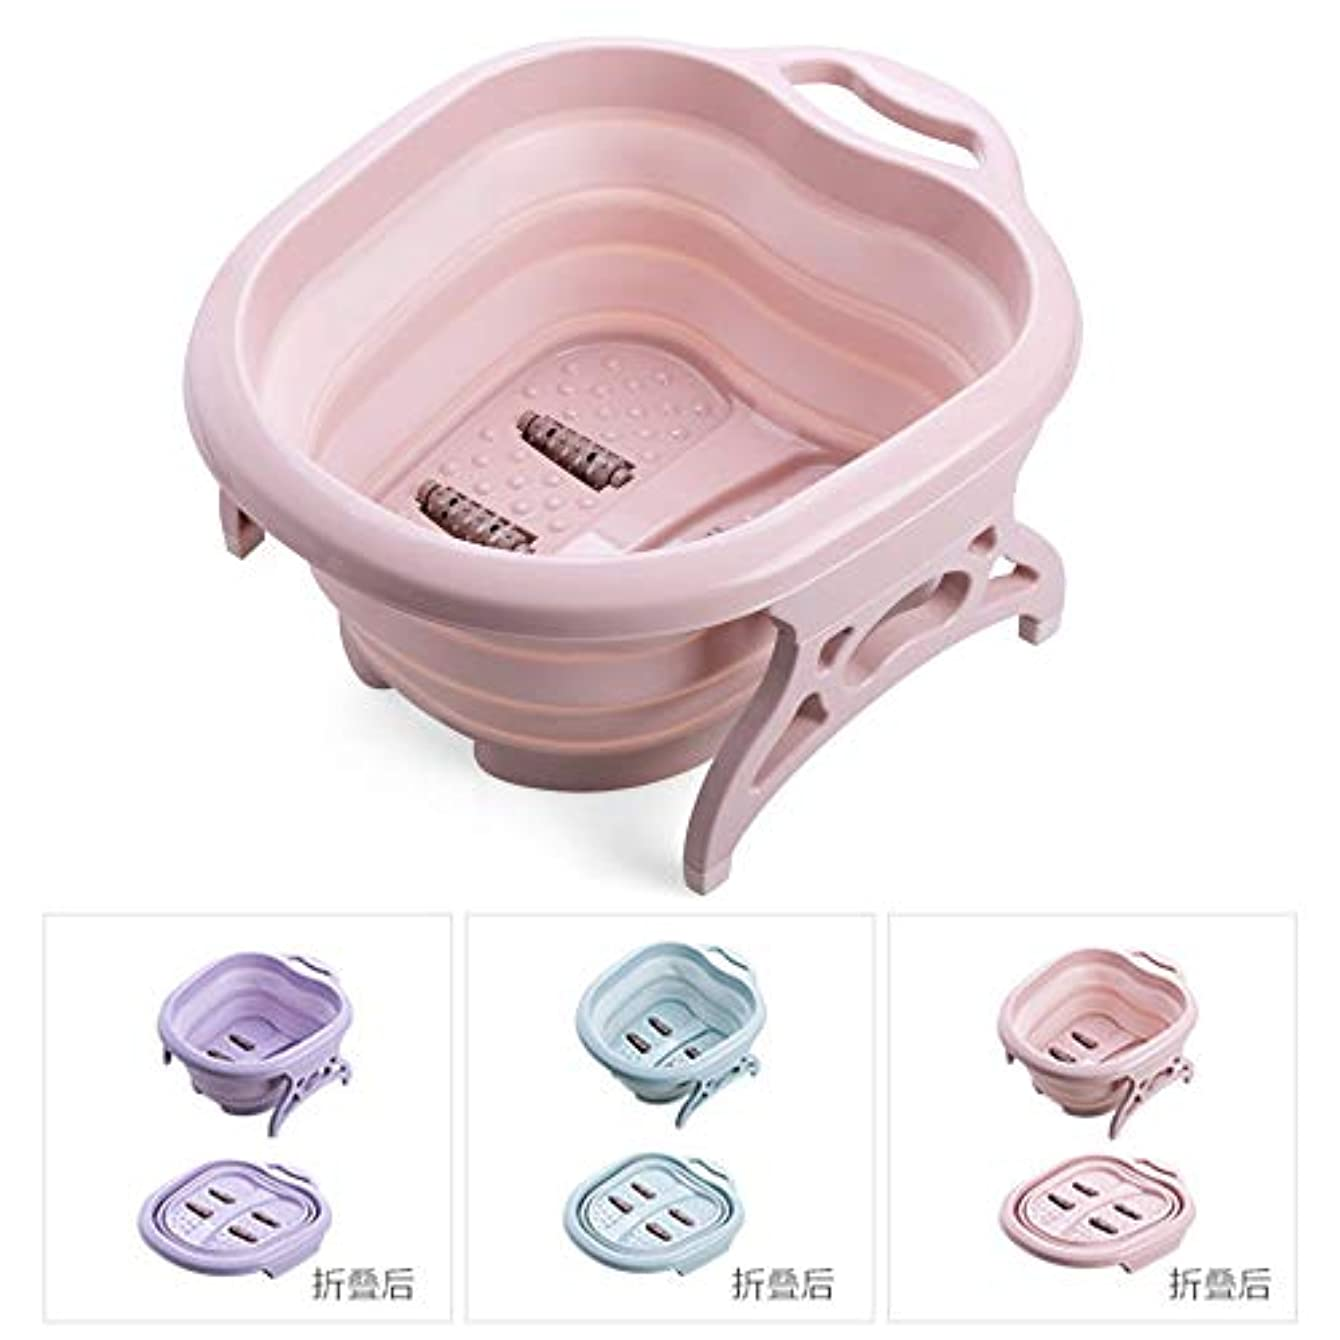 たくさんのトランジスタカレッジ[Shinepine] 足湯 折りたたみ バブルフットバス マッサージ 折り畳み可 足浴器 足の冷え対策 持ち運び楽々 ピンク(Pink)